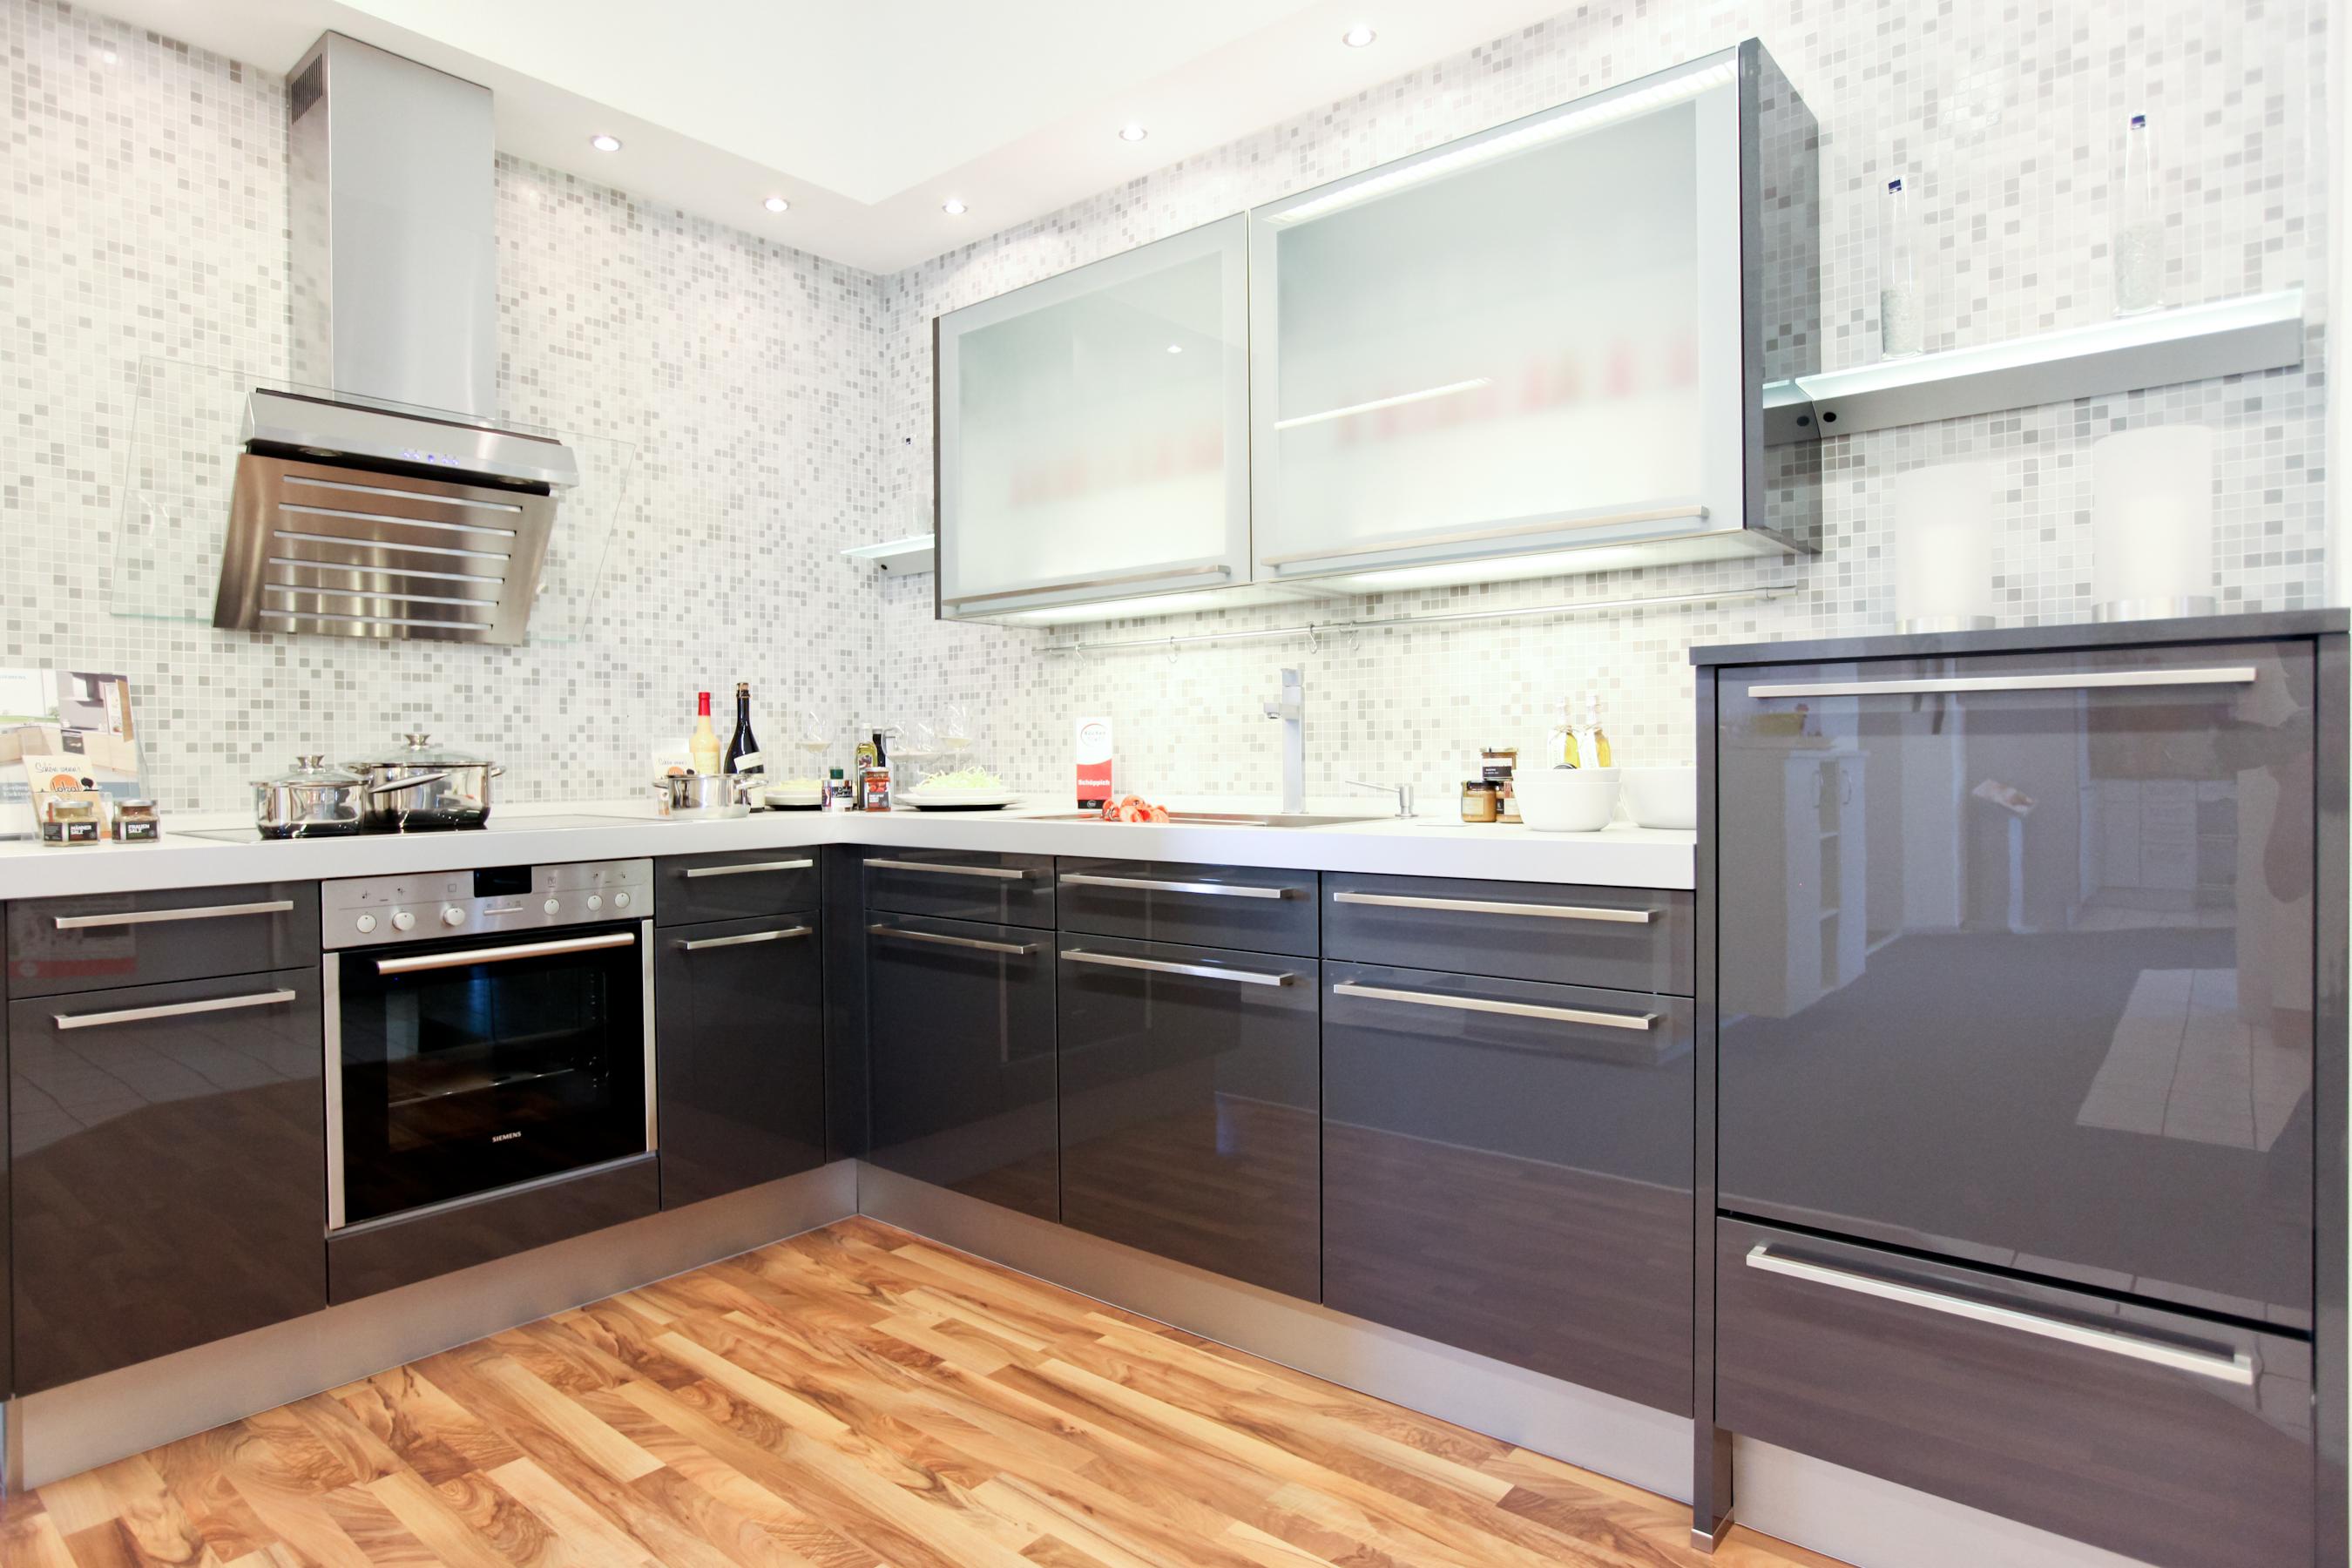 k chen in bad schwartau. Black Bedroom Furniture Sets. Home Design Ideas